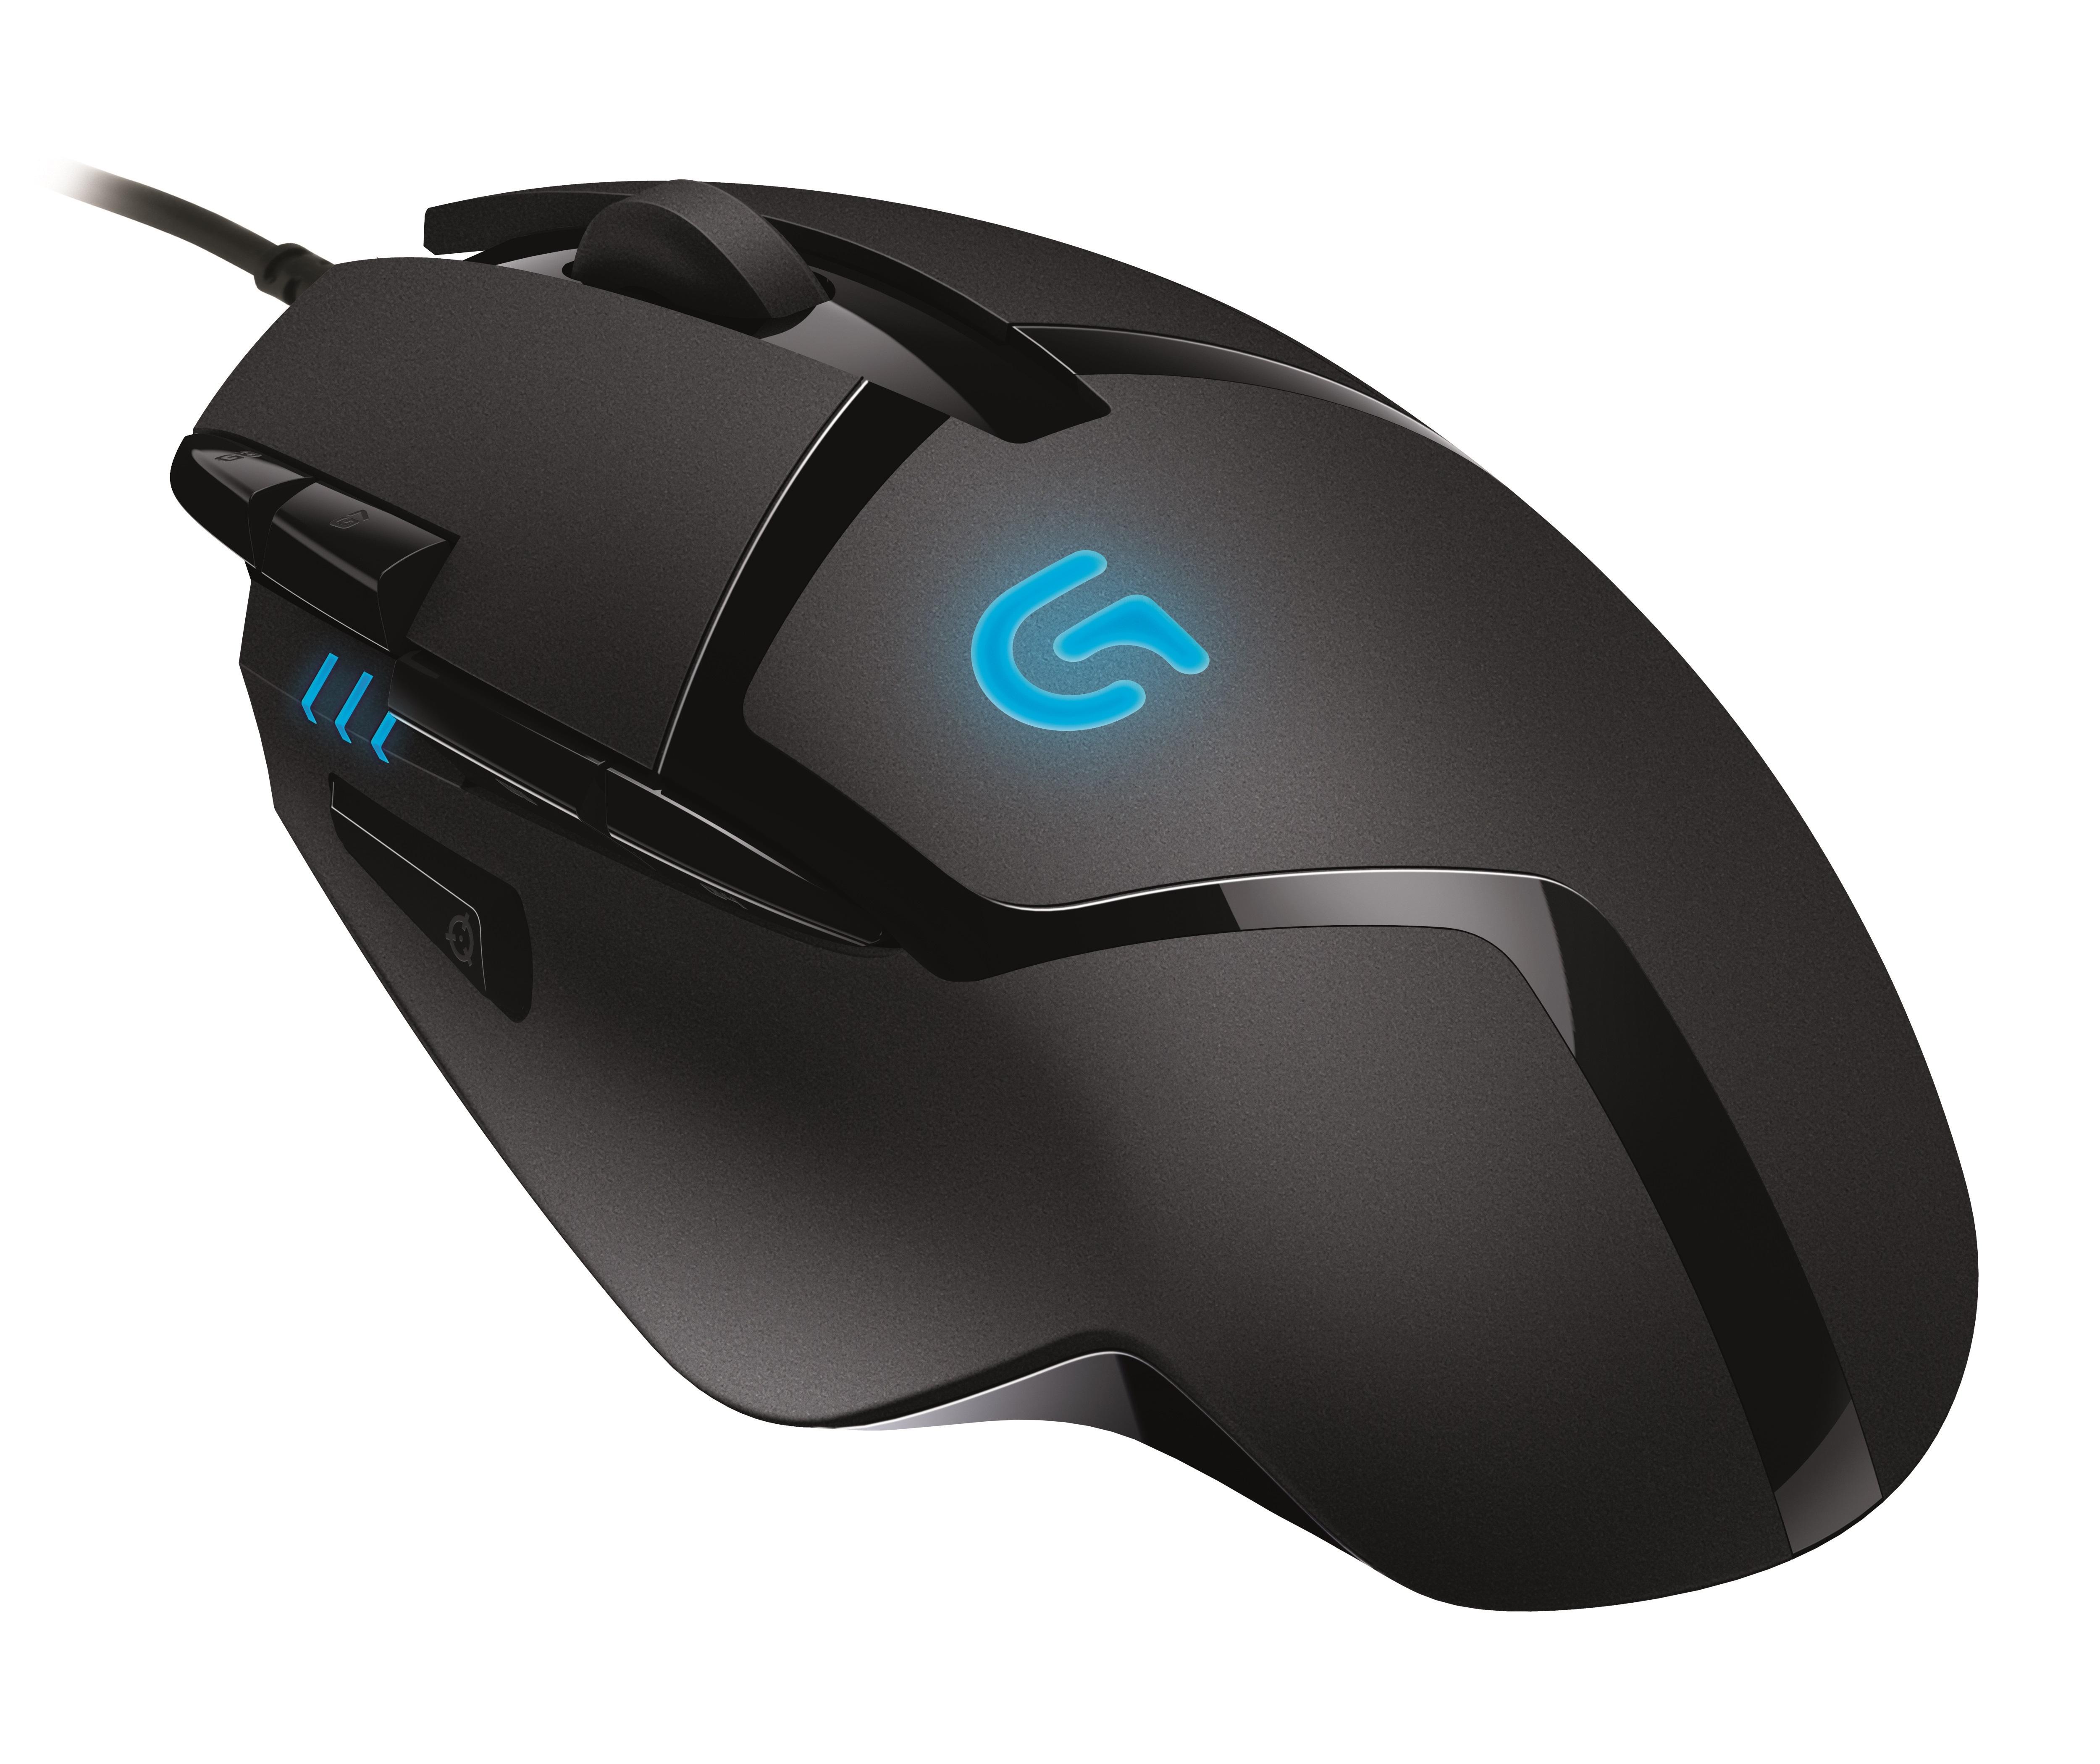 Logitech - 910-004067 mouse G402